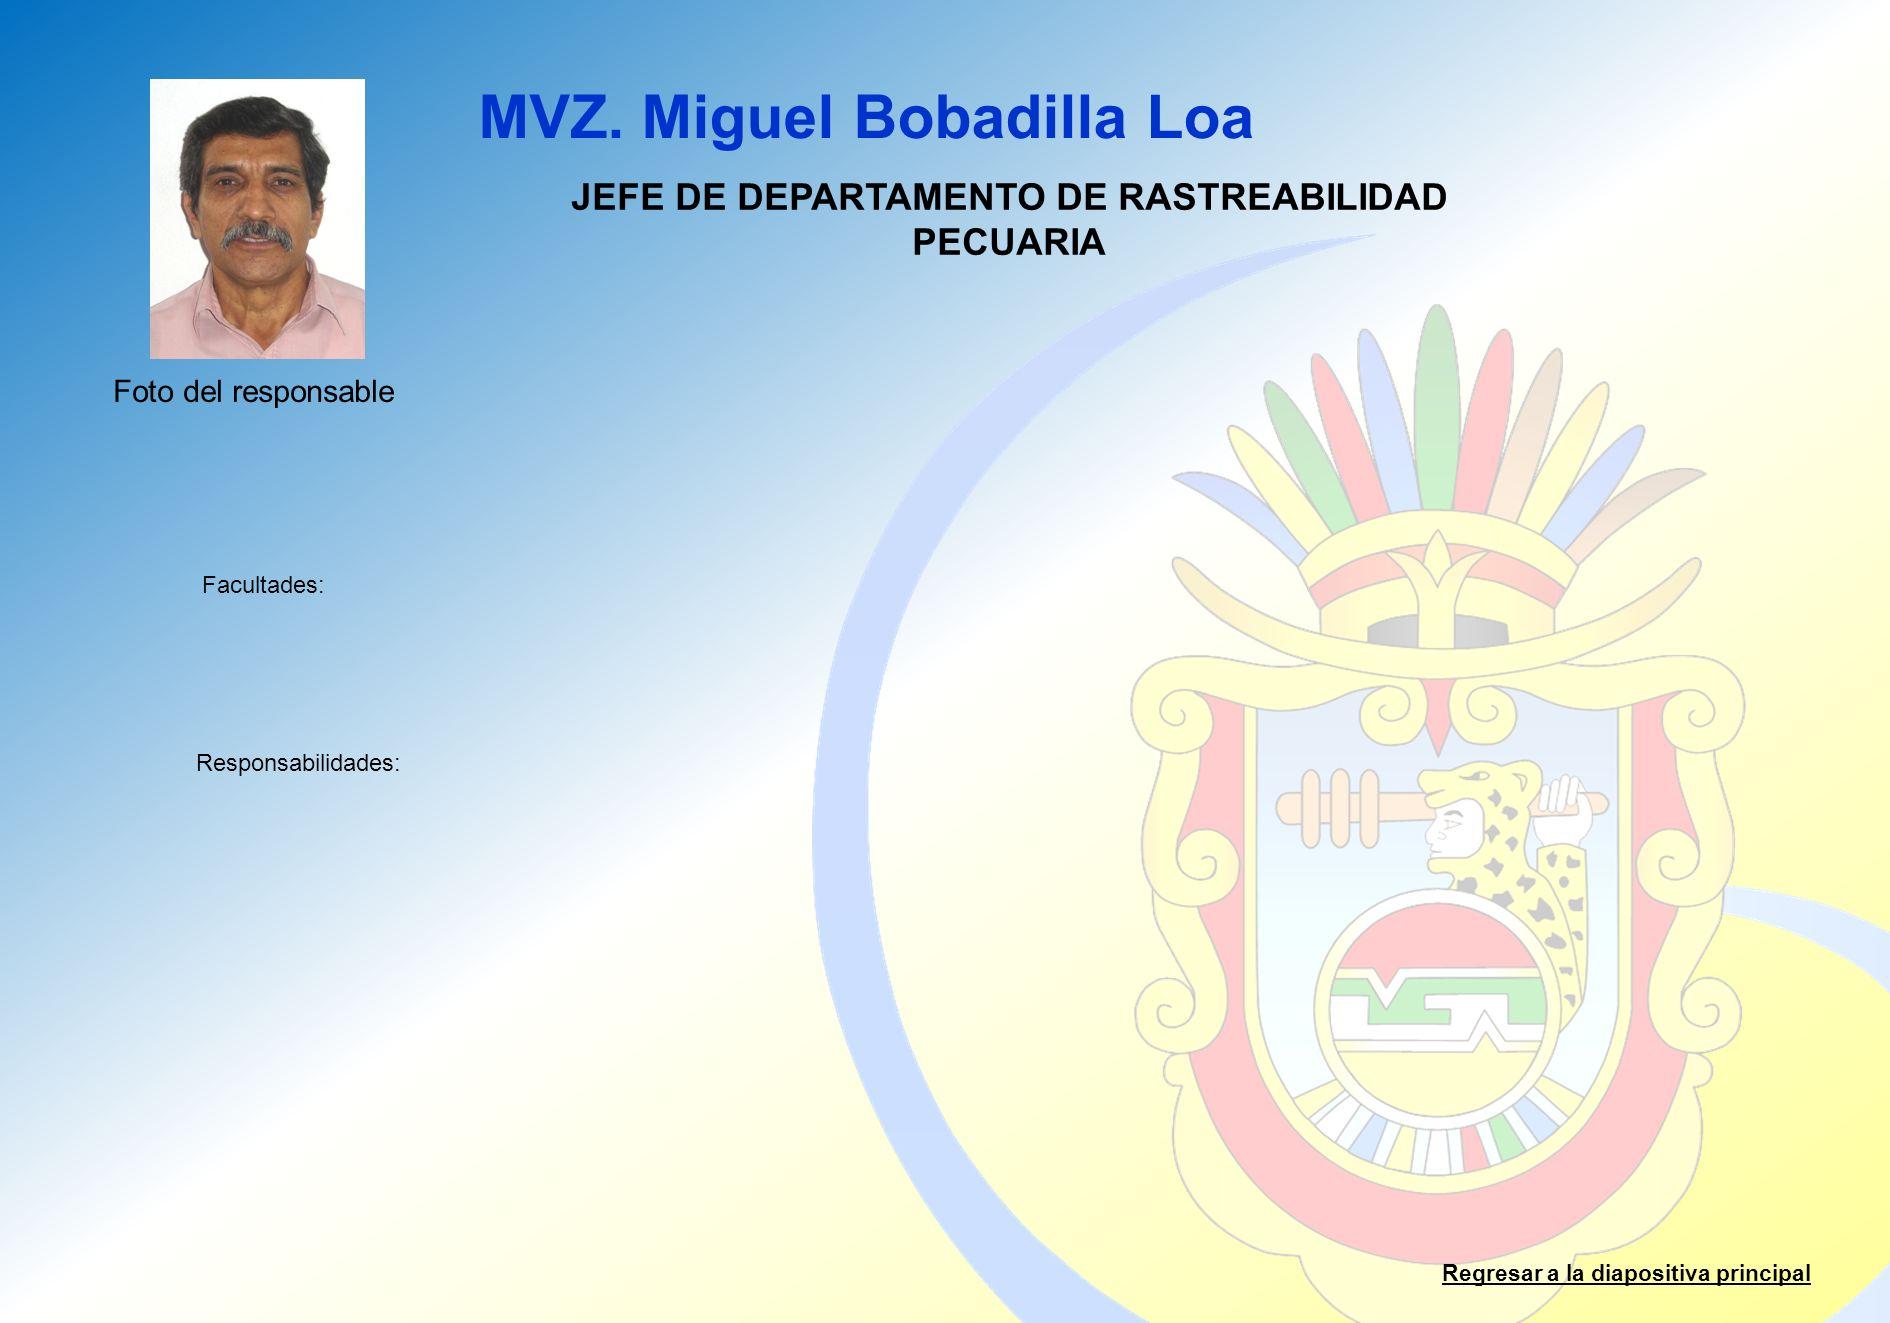 JEFE DE DEPARTAMENTO DE RASTREABILIDAD PECUARIA